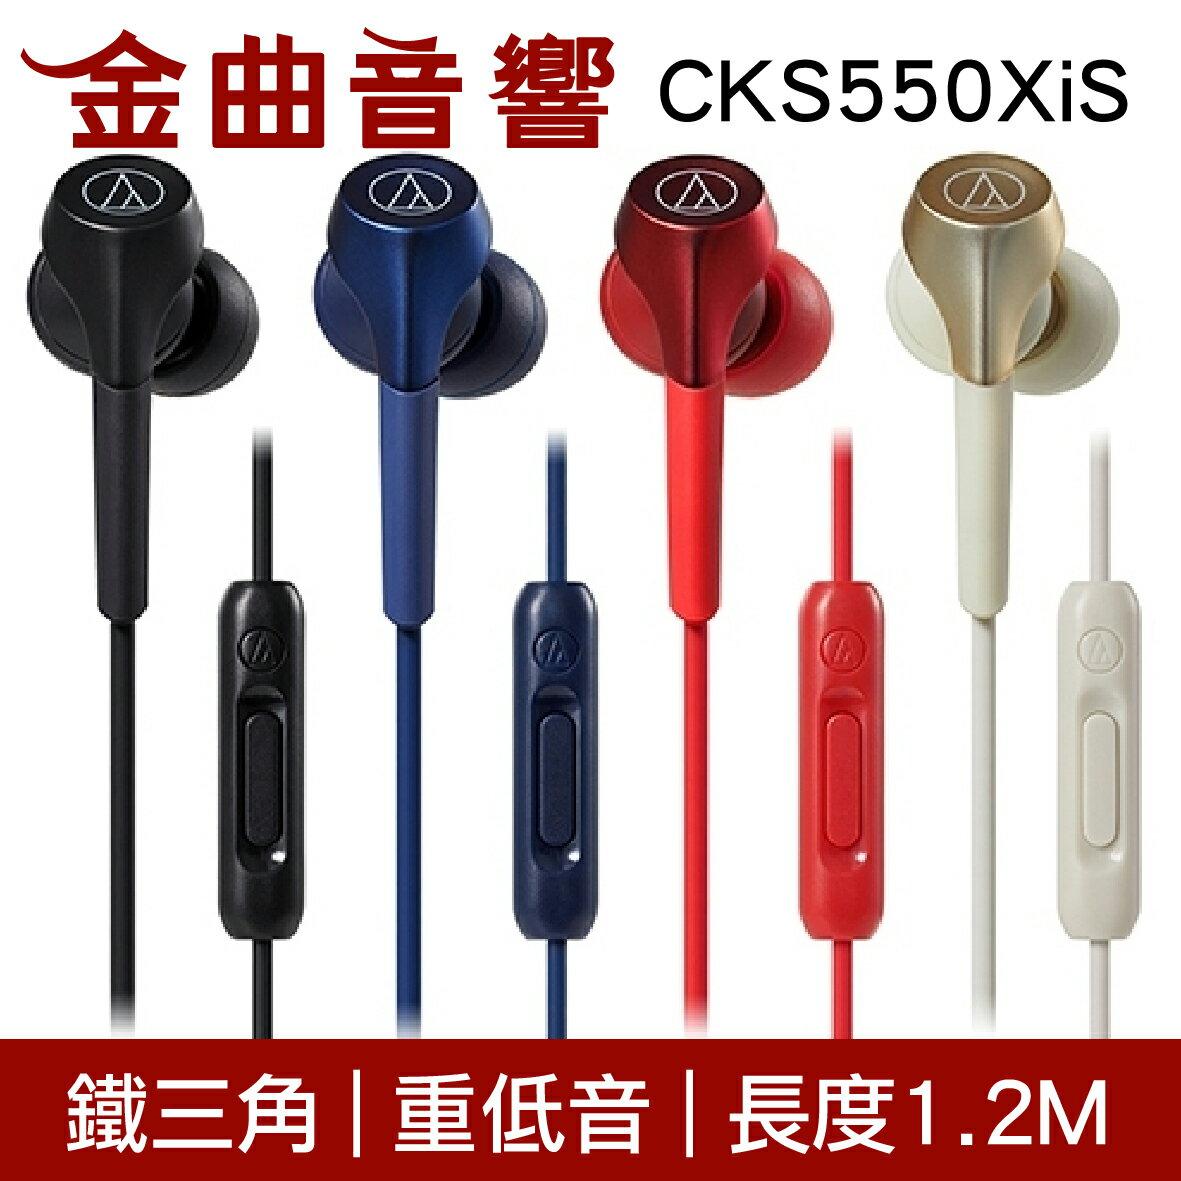 鐵三角 重低音 麥克風耳道式耳機 四色可選 ATH-CKS550XiS  | 金曲音響